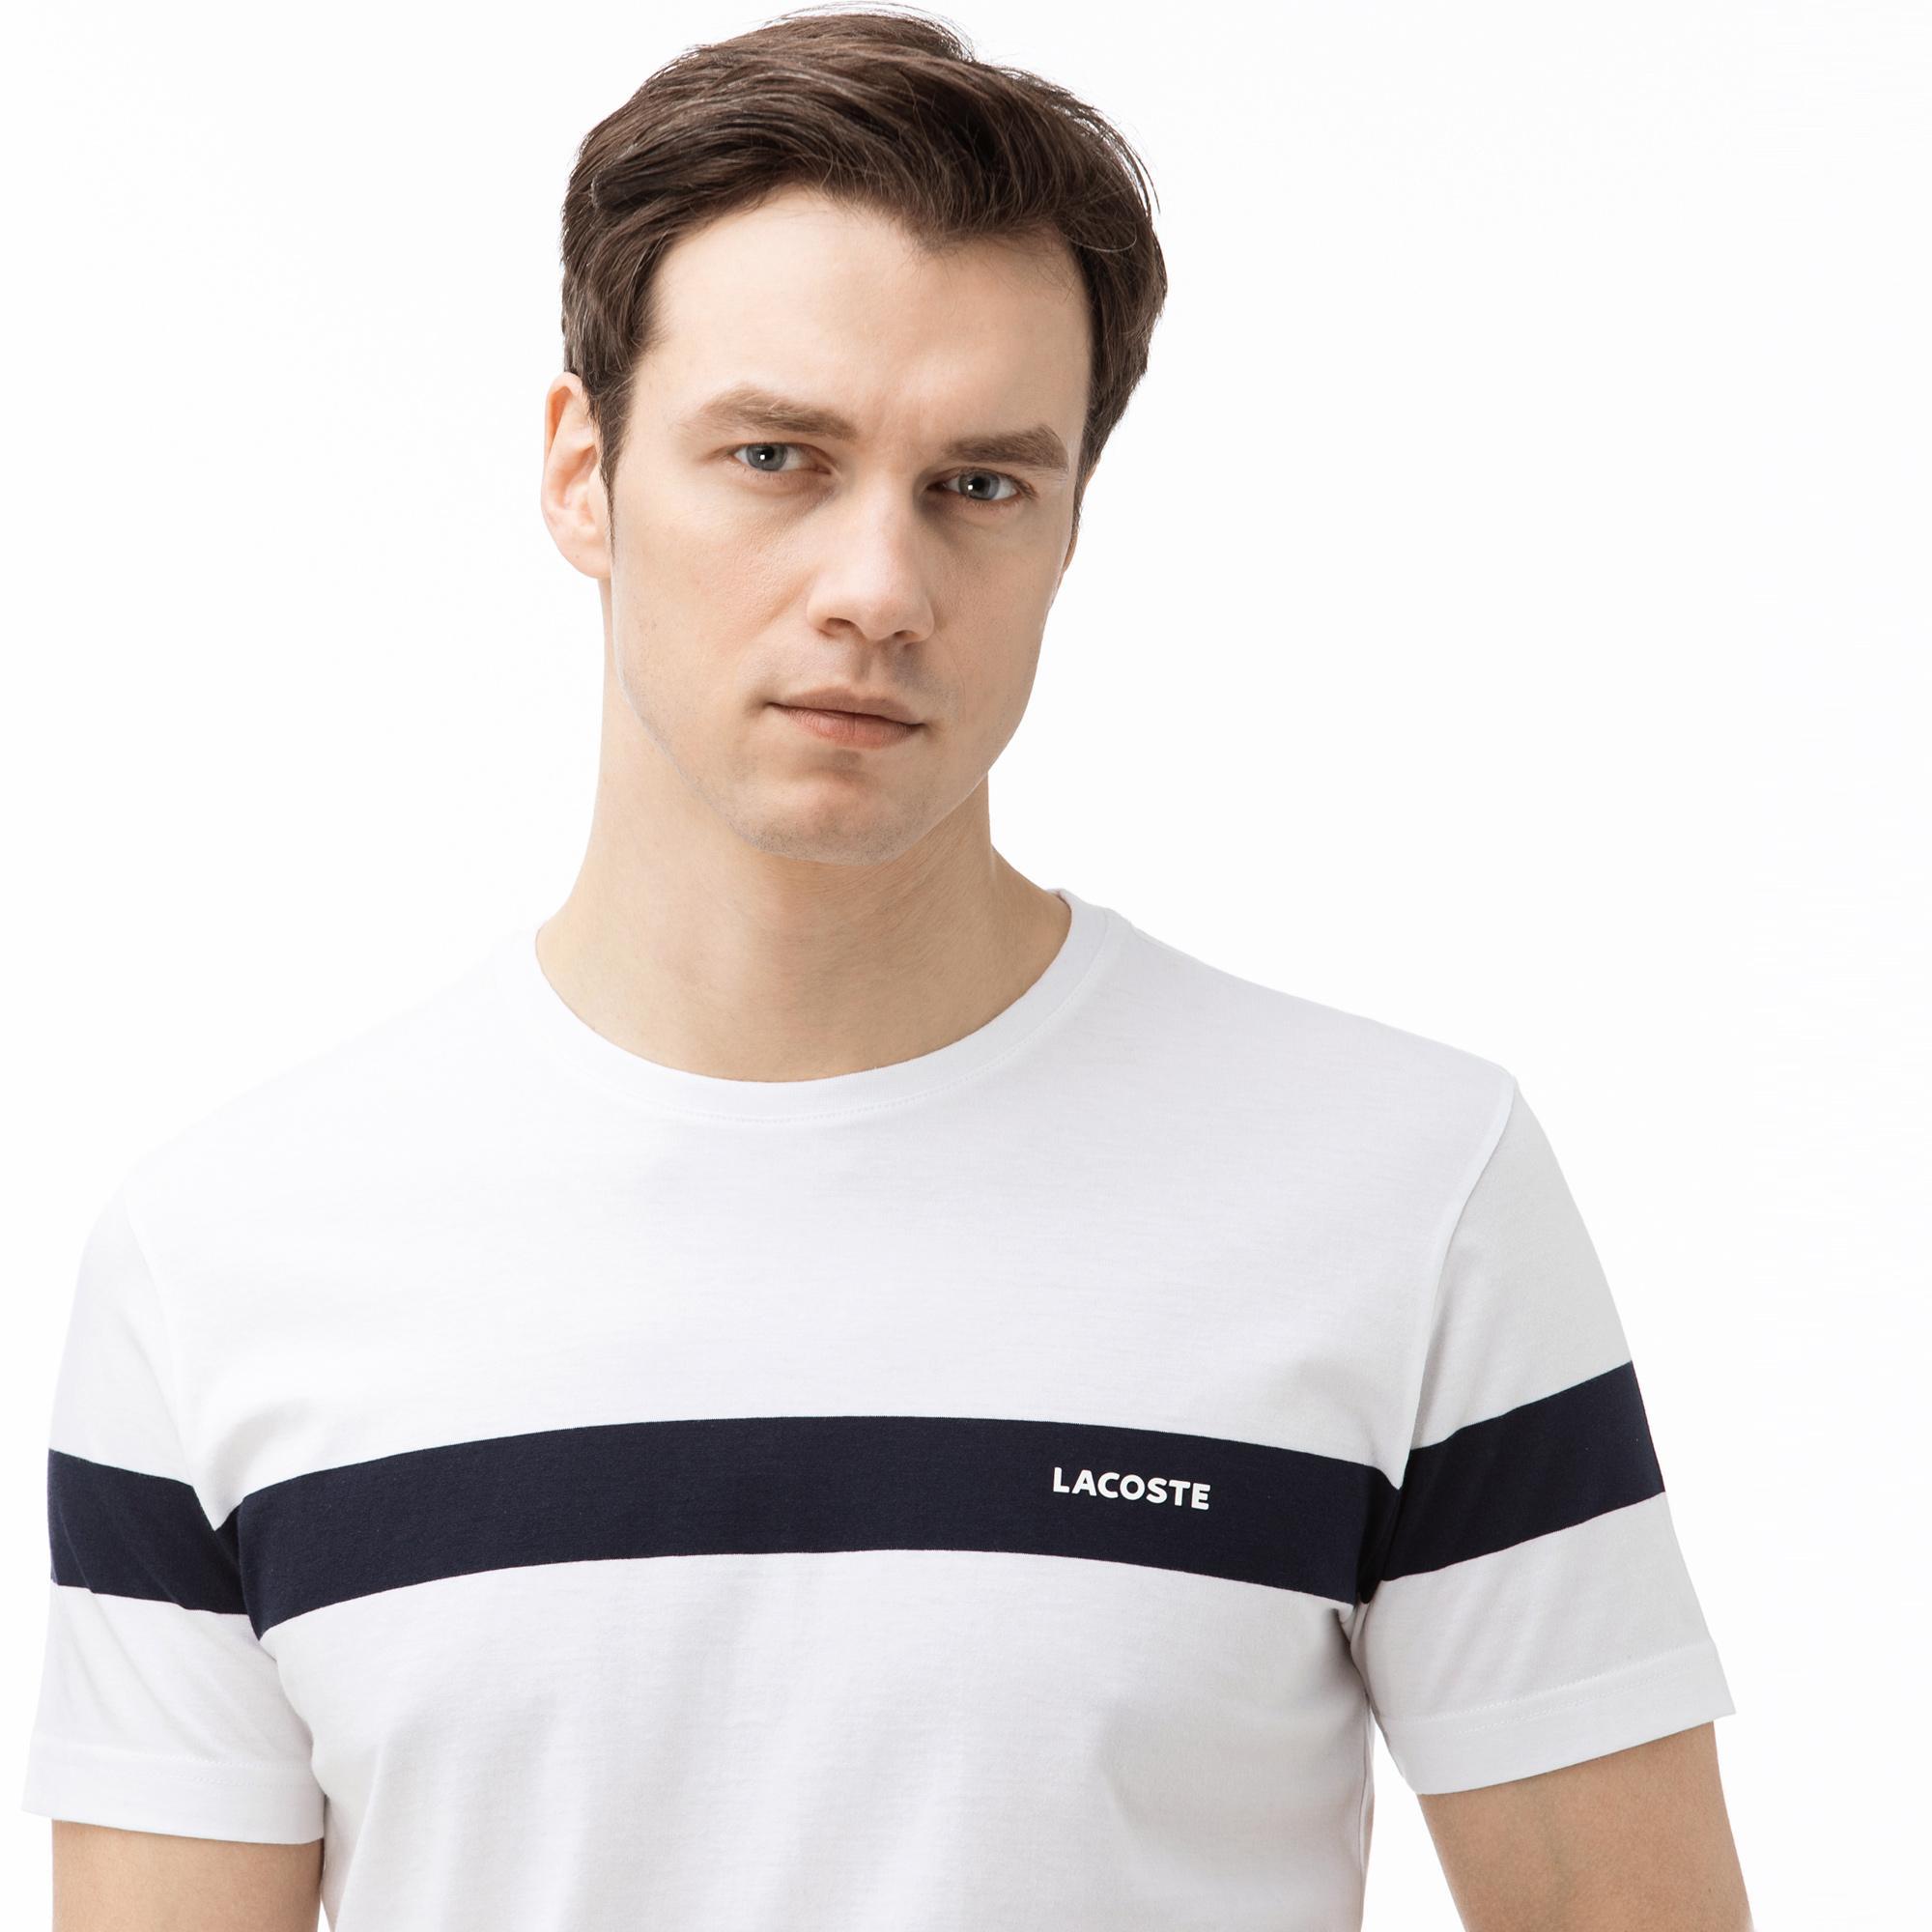 Lacoste Męski bawełniany T-shirt z okrągłym dekoltem w bloki kolorystyczne i paski